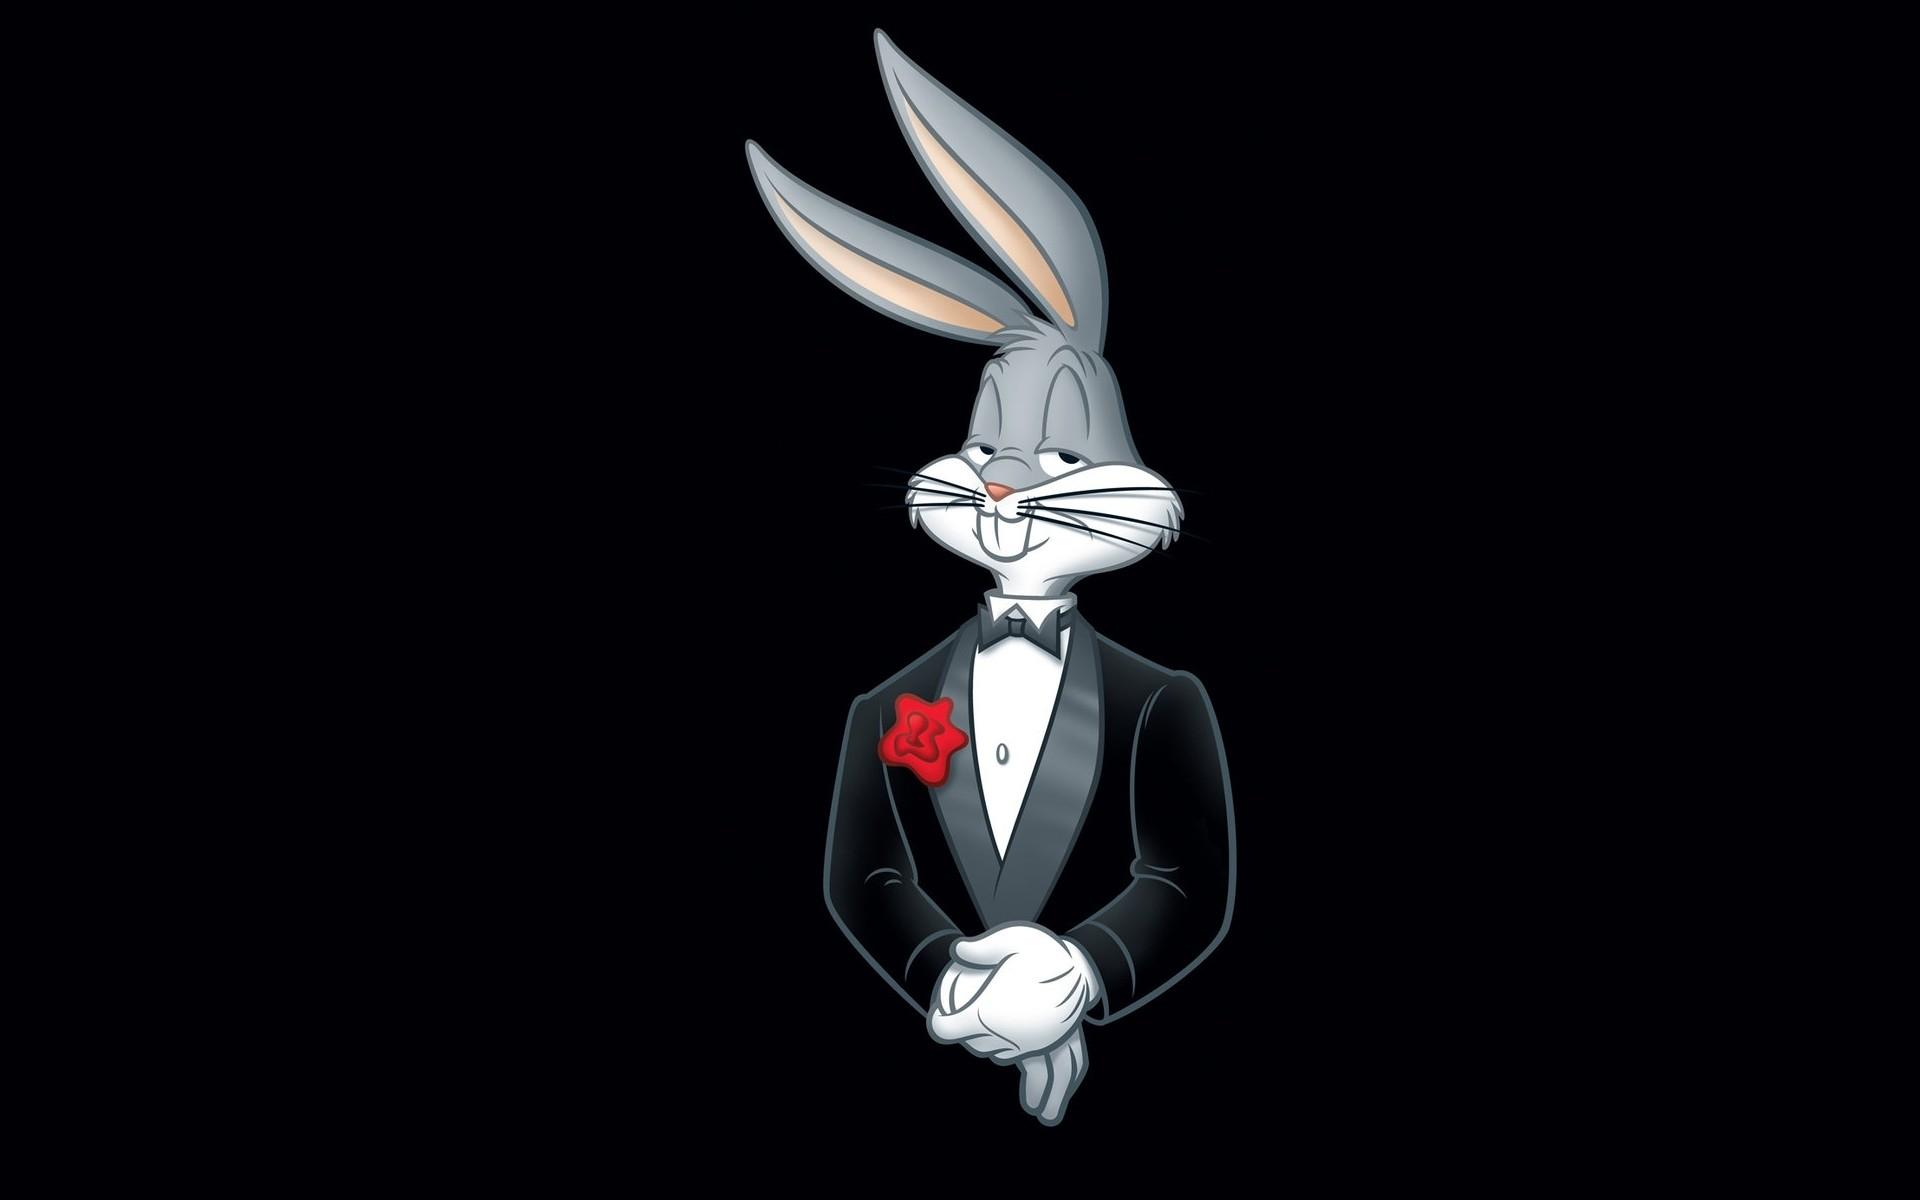 Fondos De Pantalla : Dibujos Animados, Trajes, Conejos